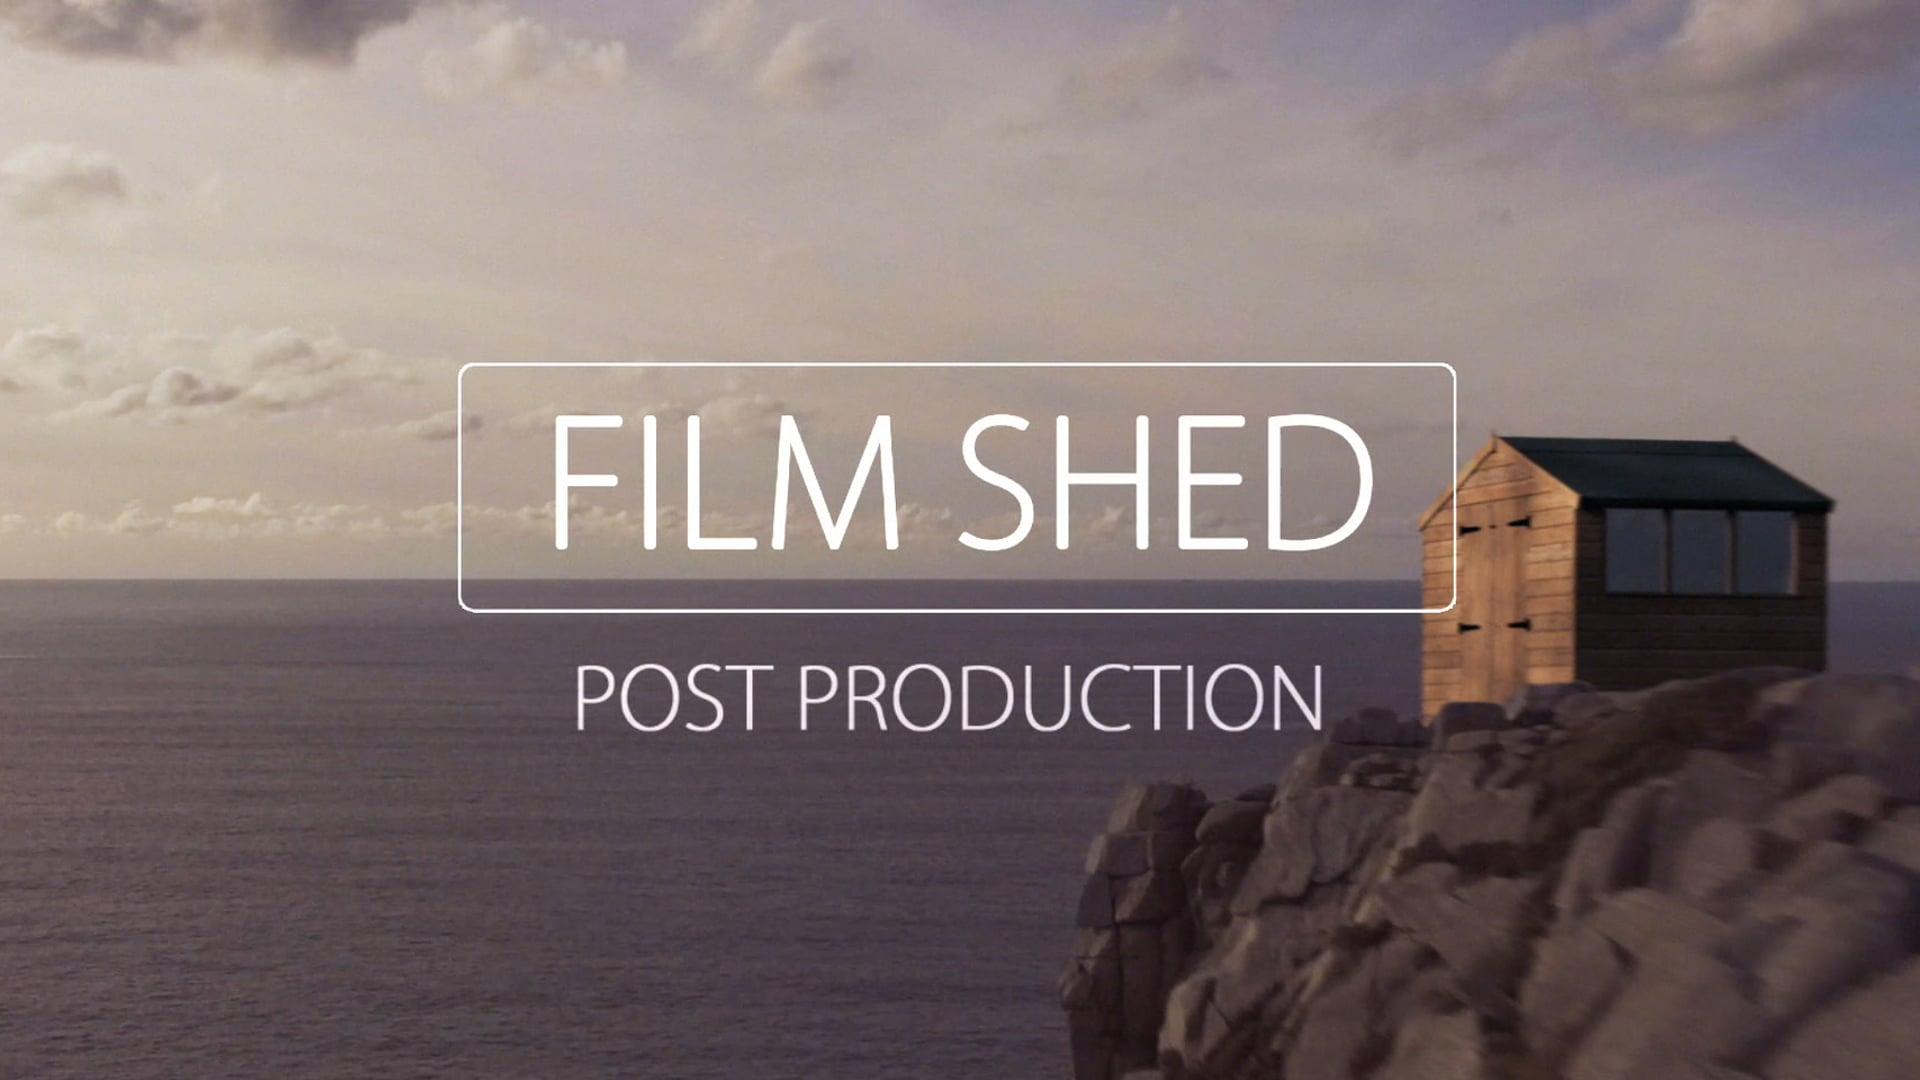 Filmshed